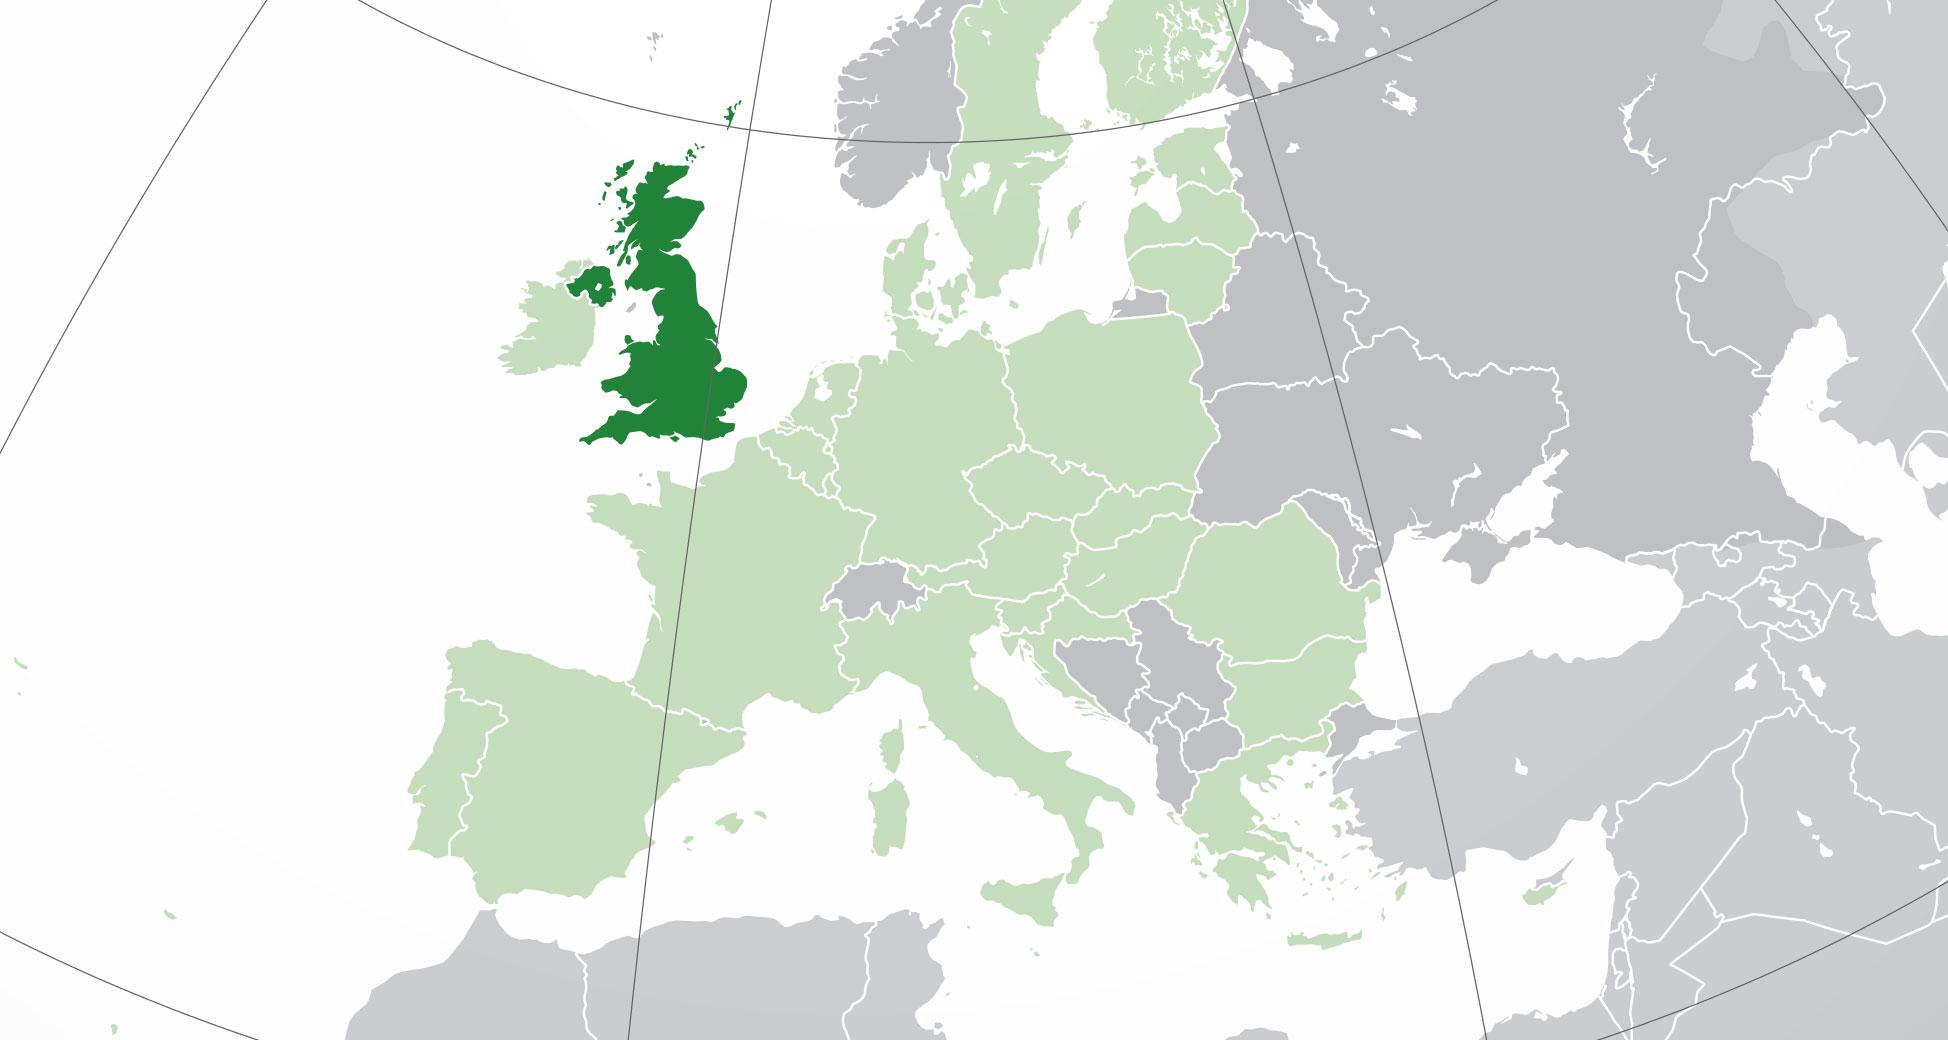 Mapa de Reino Unido, donde está, queda, país, encuentra ...